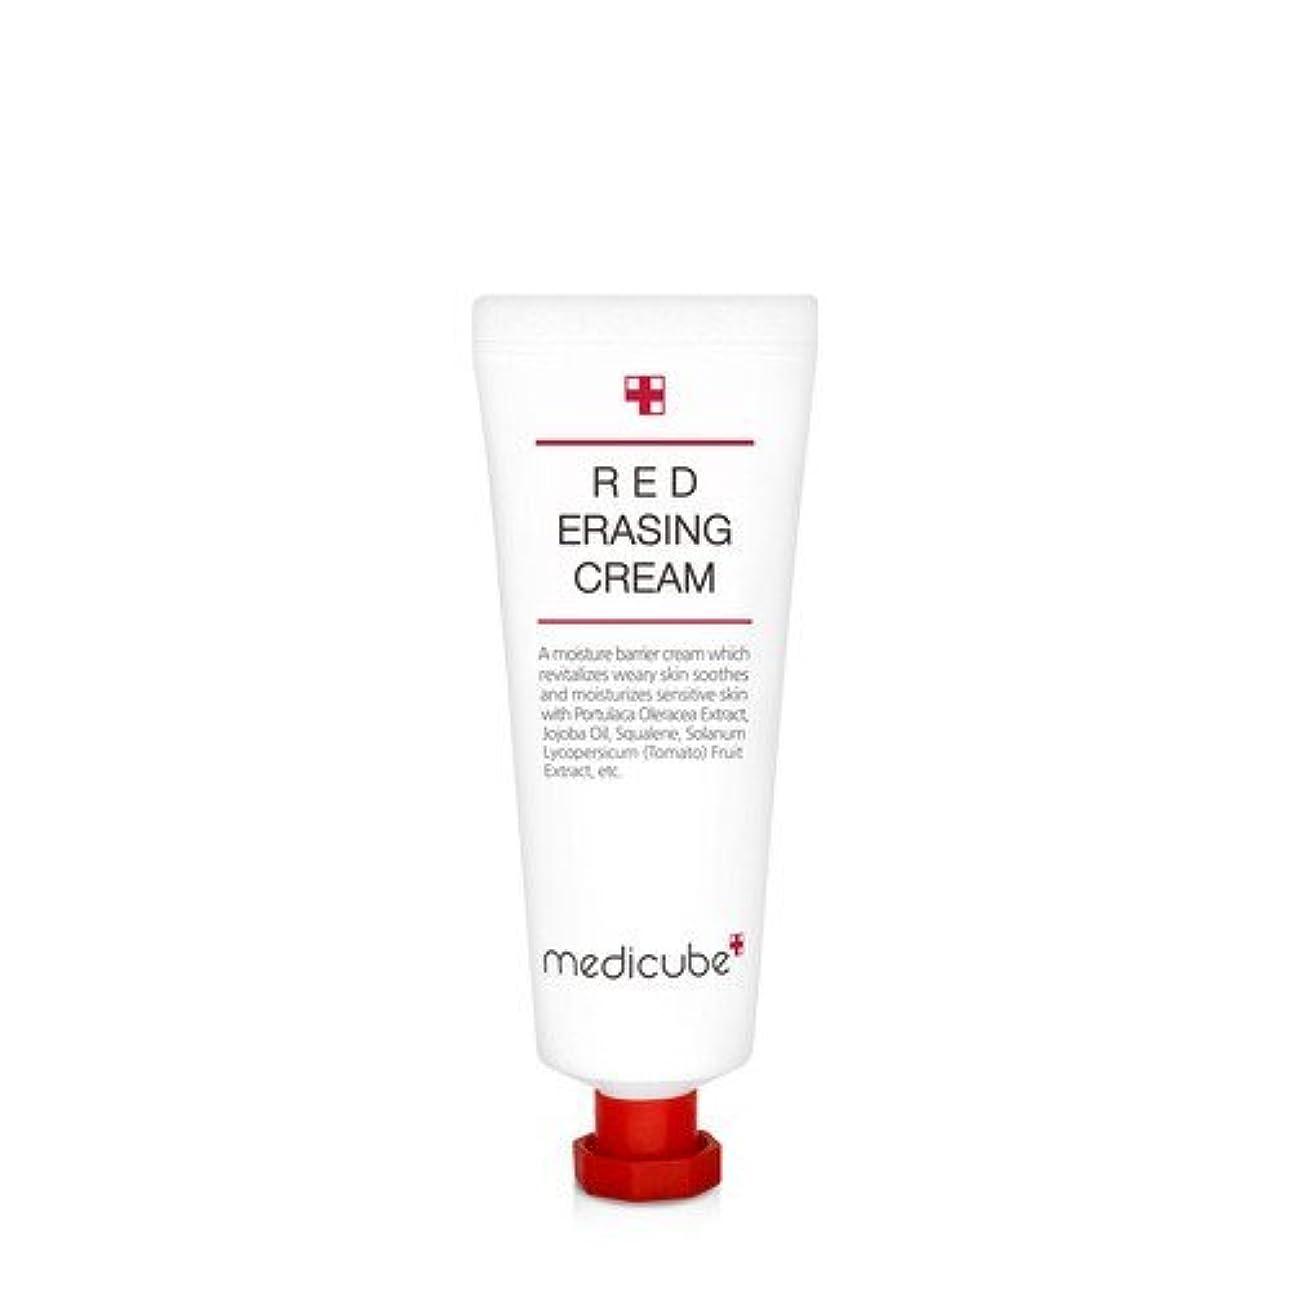 発言する適用済み発明[Medicube]Red Erasing Cream 50g / メディキューブレッドイレイジングクリーム / 正品?海外直送商品 [並行輸入品]